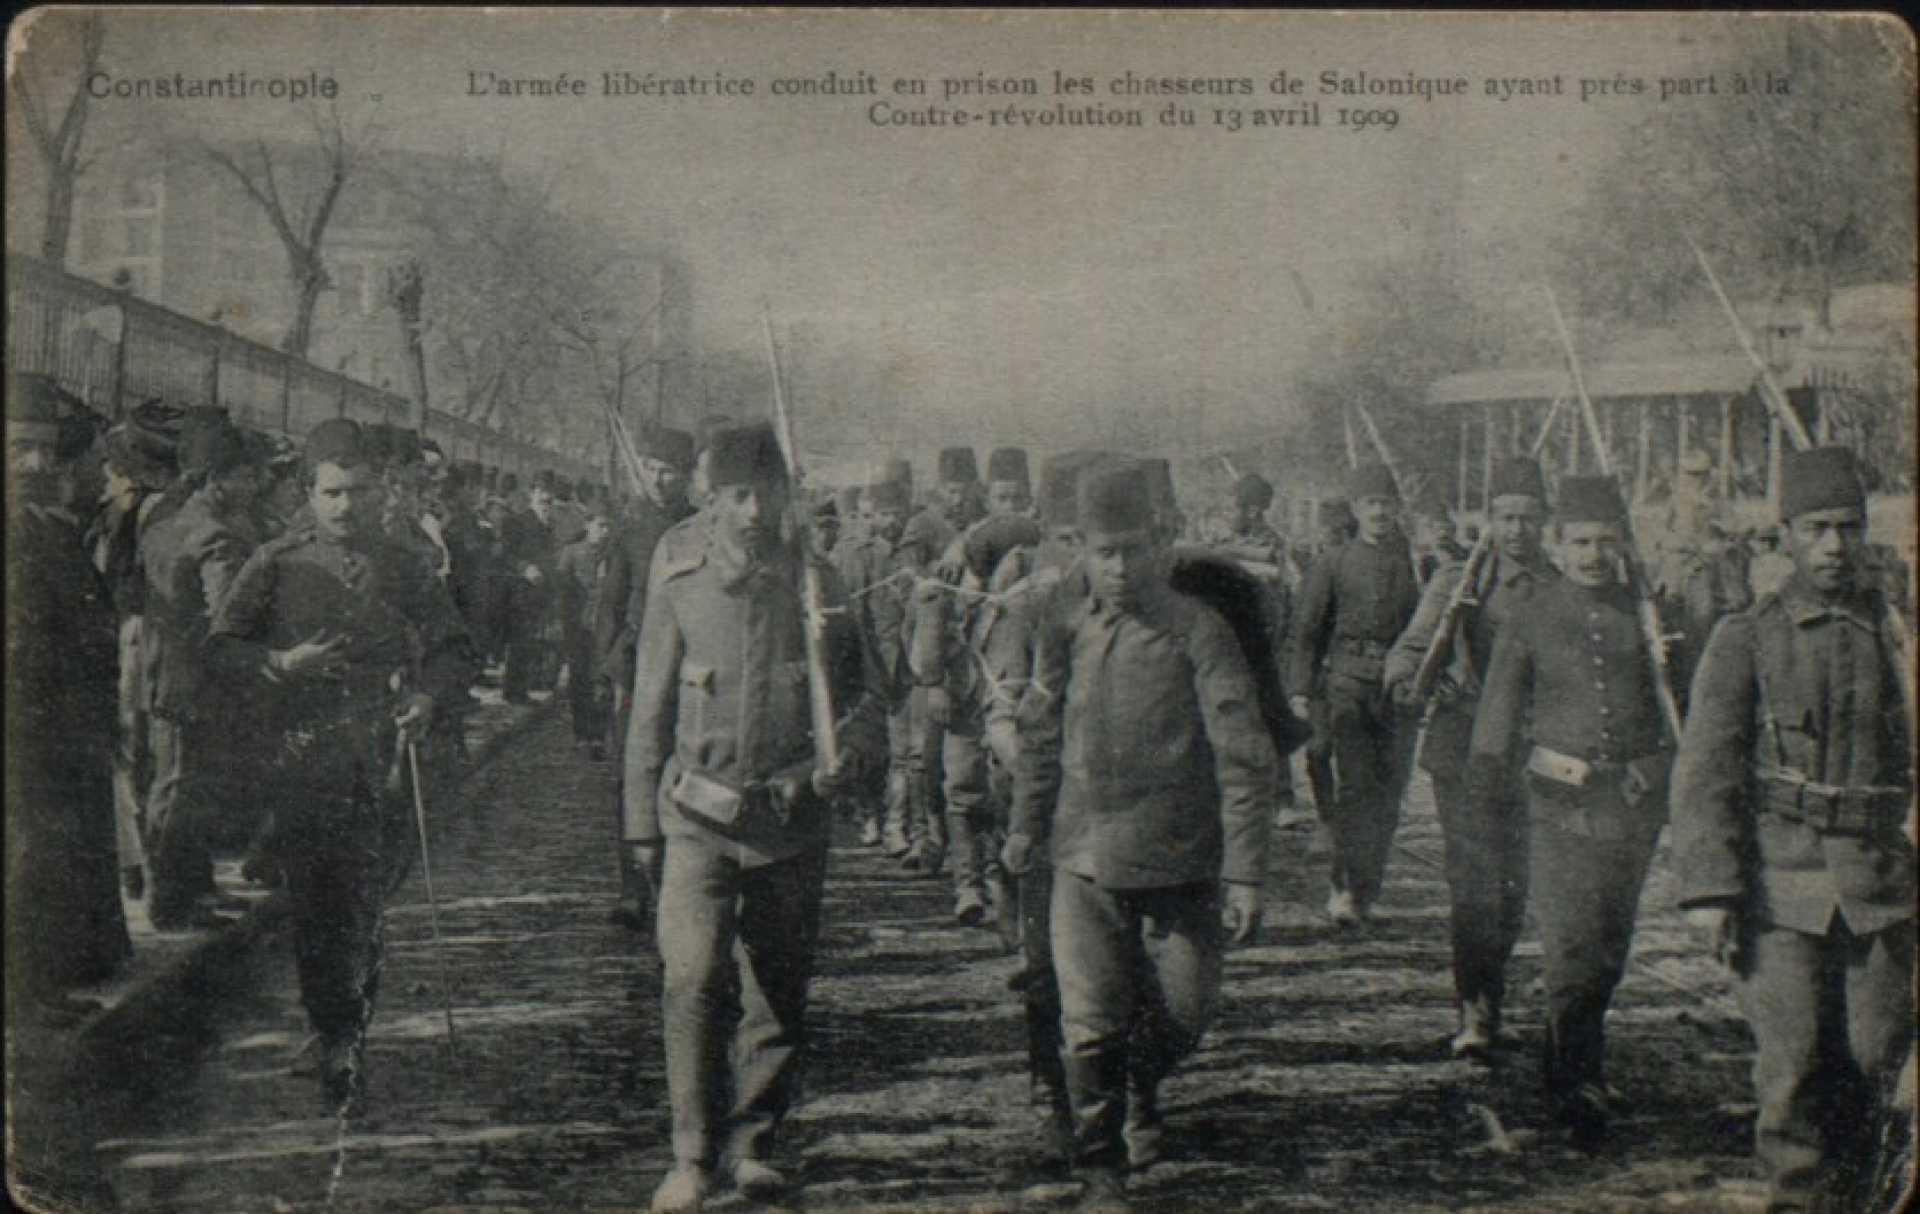 L'armee liberatrice conduit en prison les chasseurs de Salonique ayant pres part a la Contre-revolution du 13 avril 1909